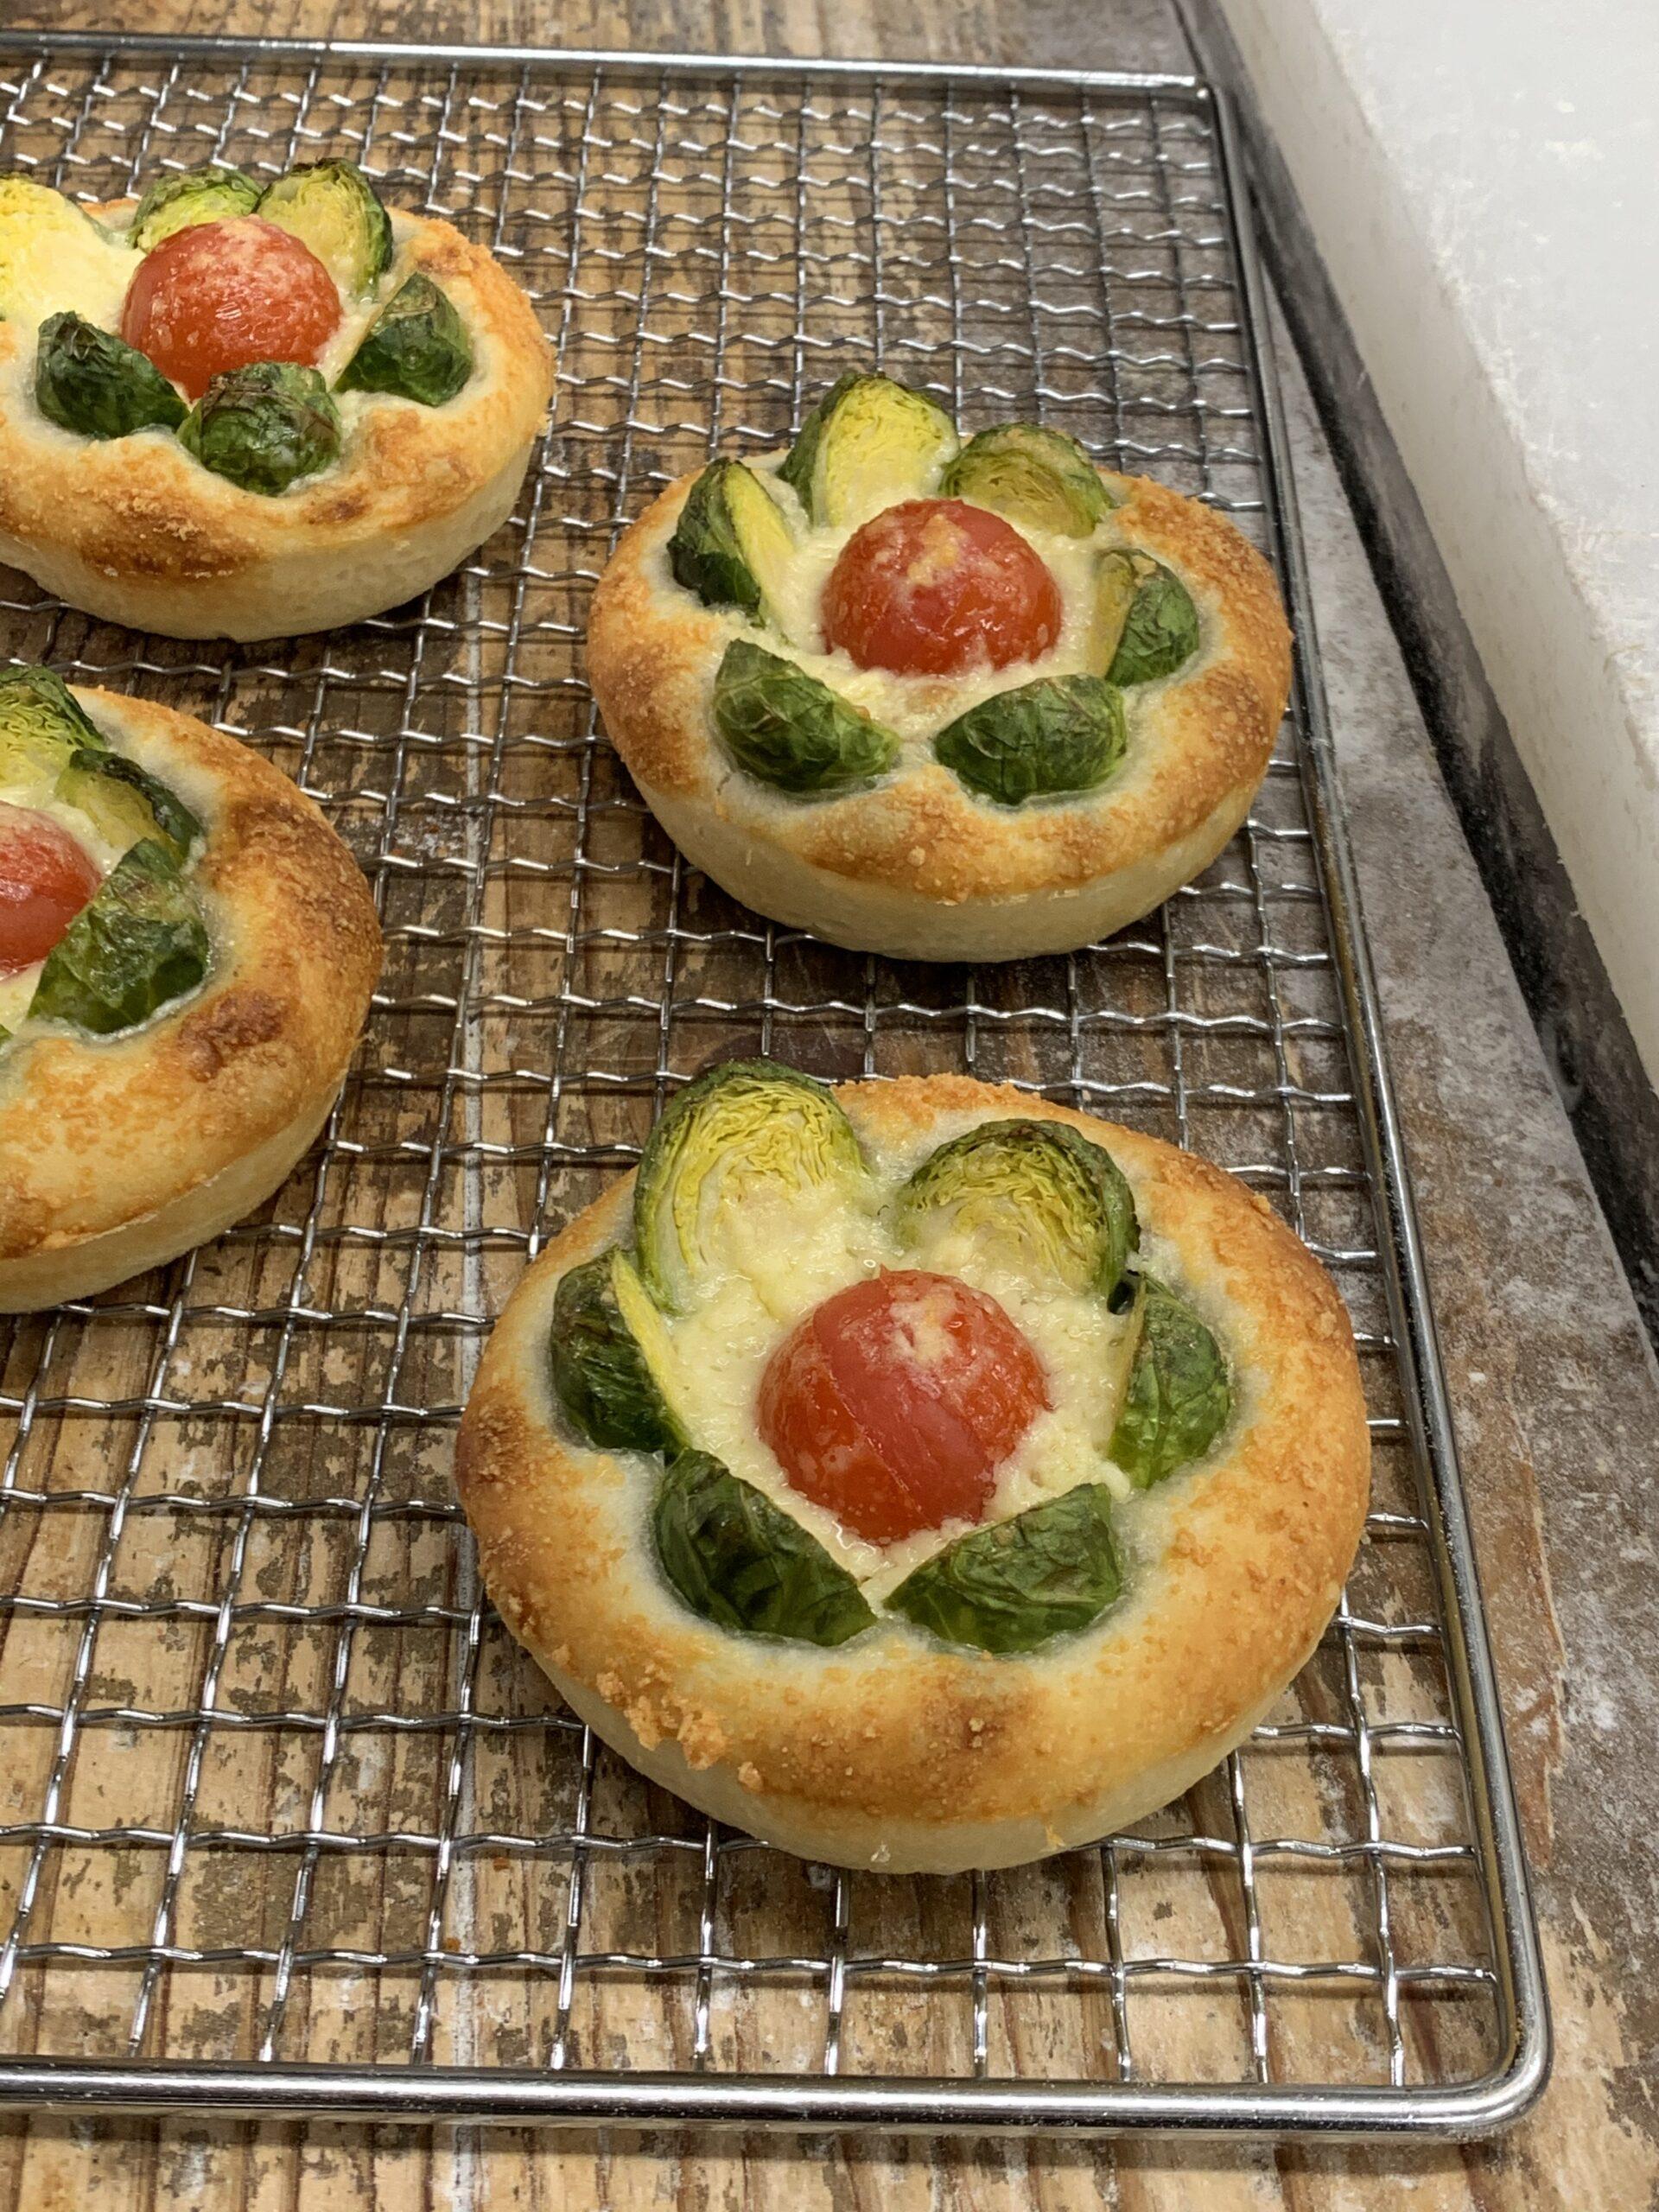 春を感じるパン 春野菜を使ったパンの提案 ①  ブーランジュリー セット 松本和弘